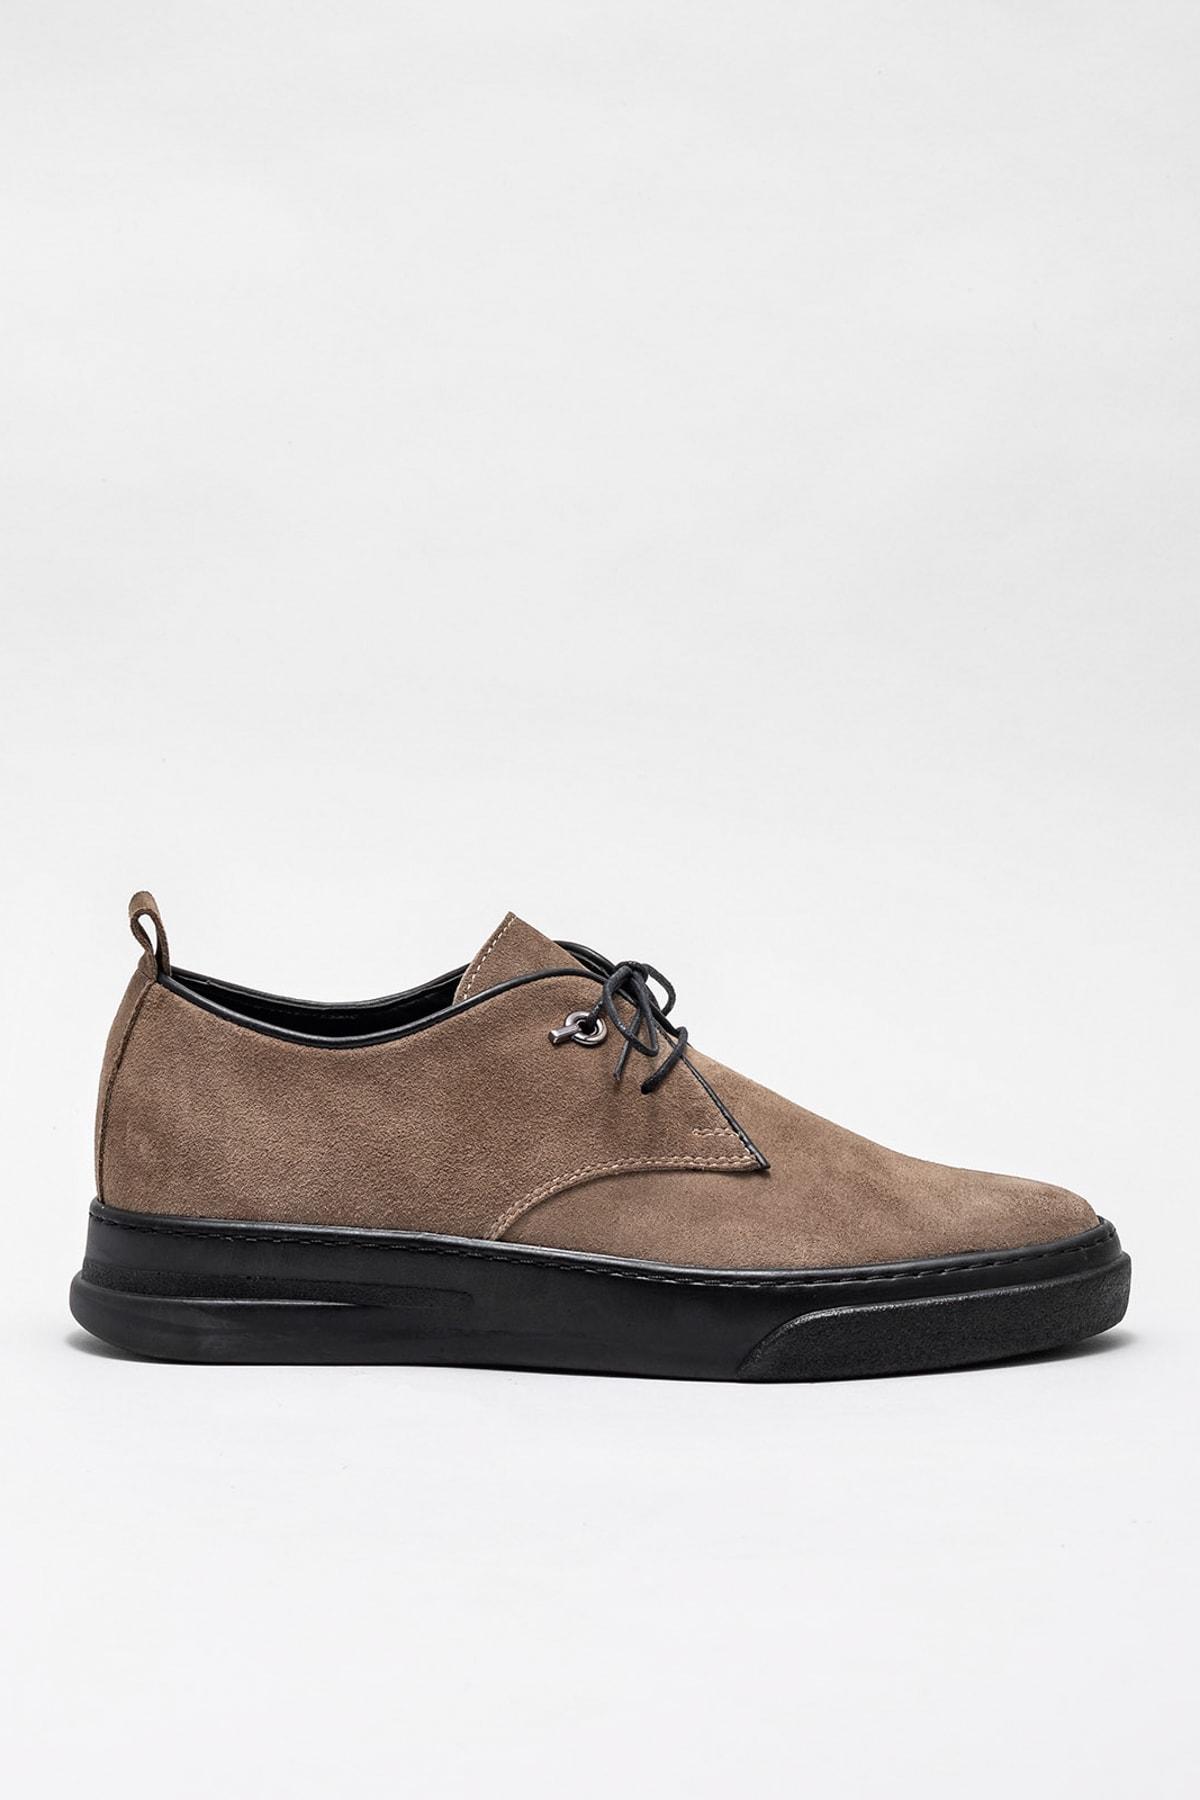 Elle Shoes Erkek Warton Vızon Casual Ayakkabı 20KTA828-7 1